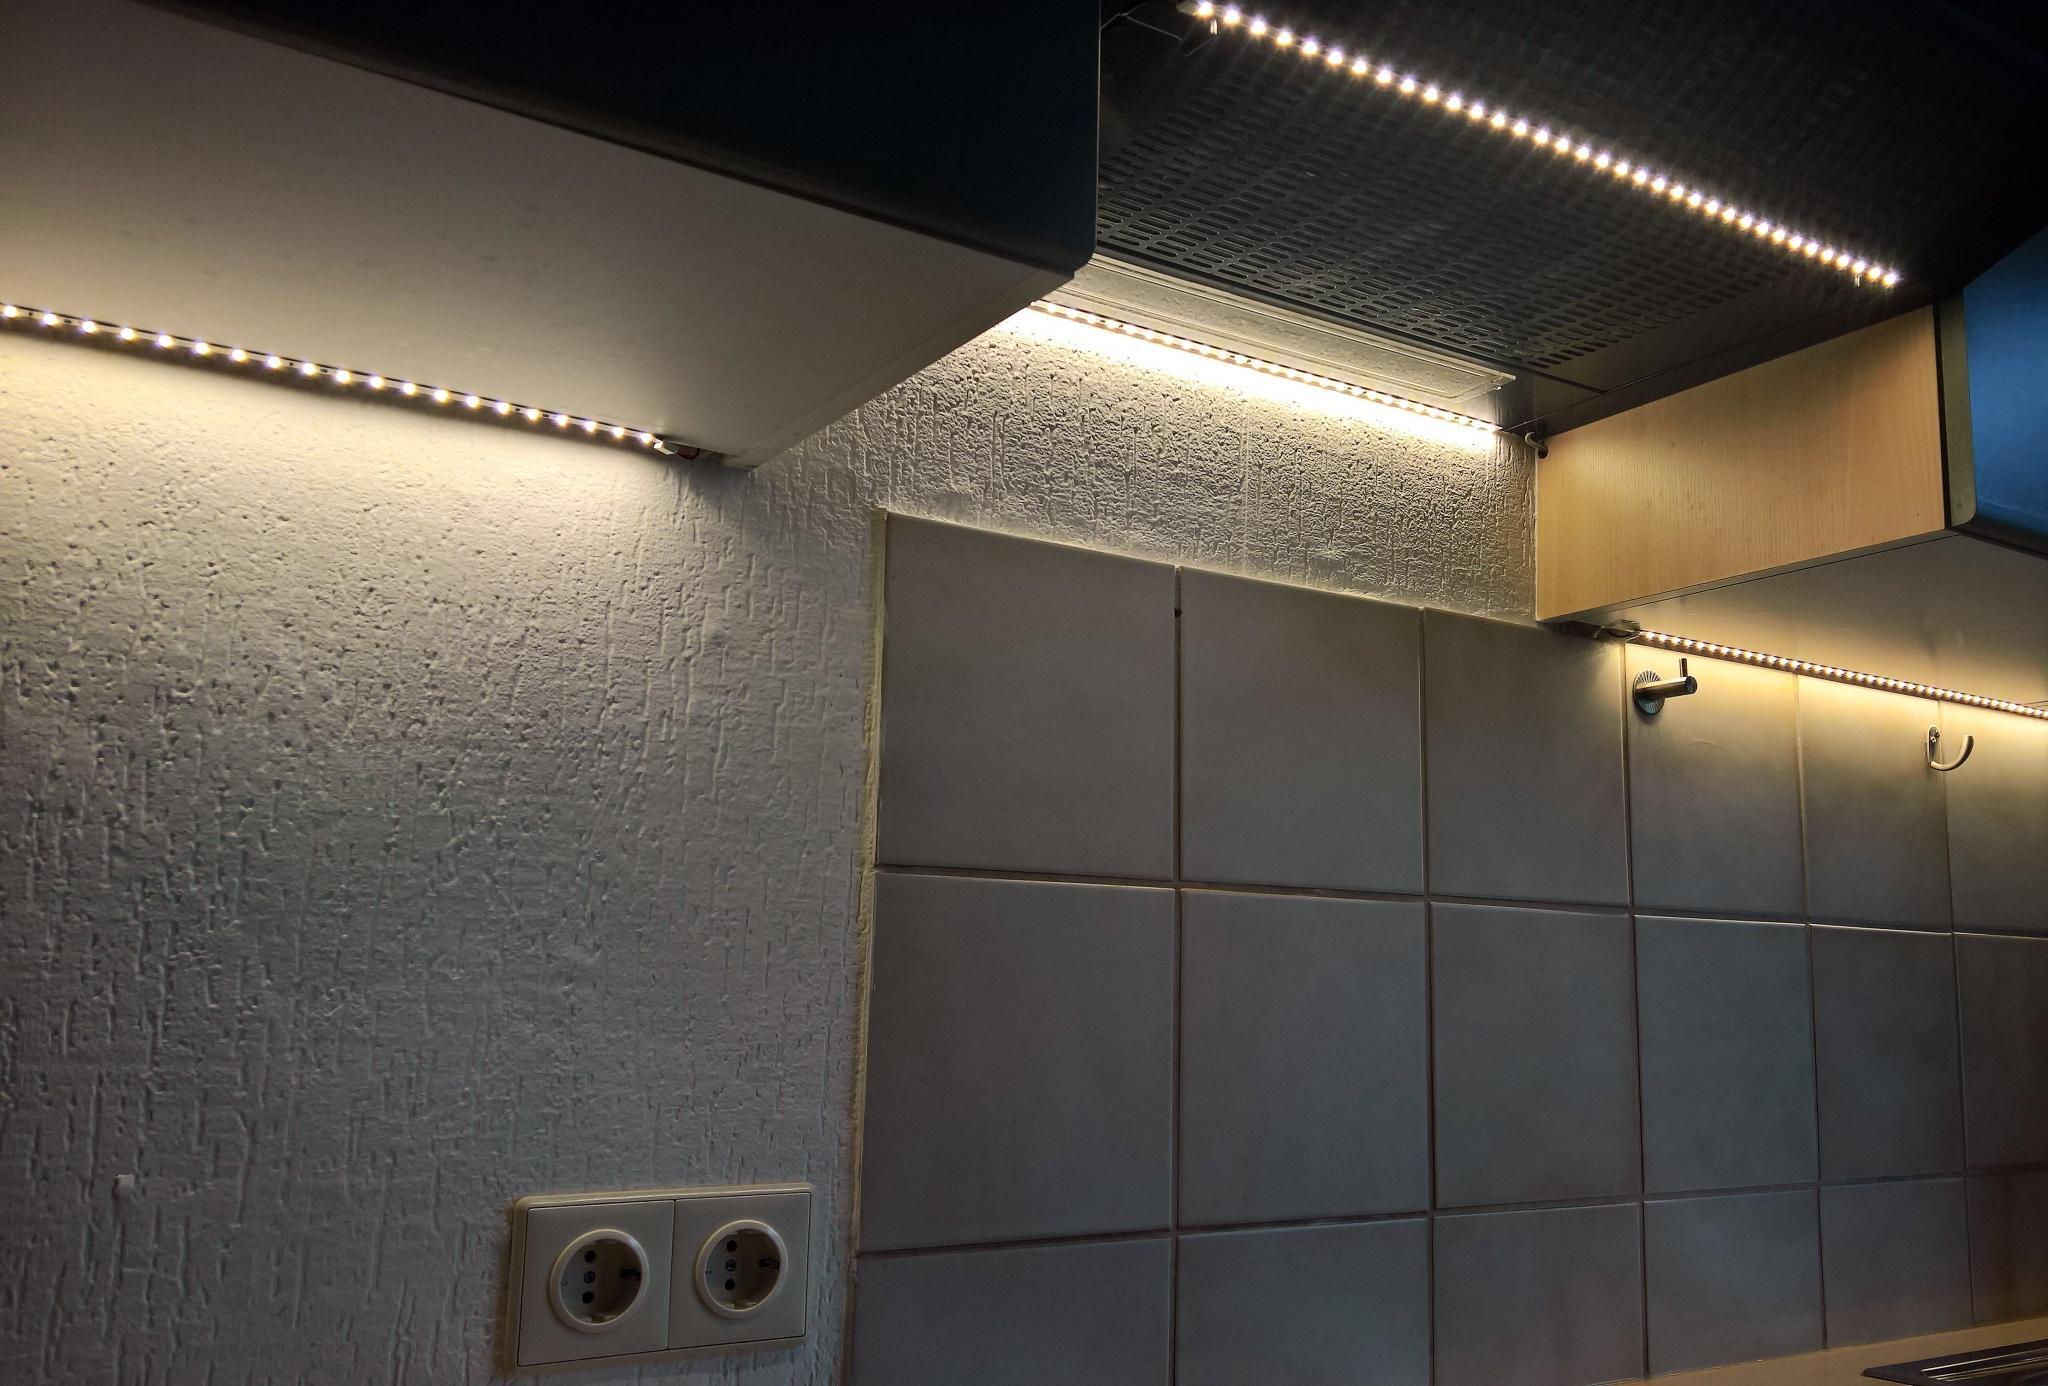 Full Size of Lampe Küche Watt24 Helle Kchenbeleuchtung Mit Led Tape Wohnzimmer Deko Für Was Kostet Eine Neue Kaufen Tipps Segmüller Vorhänge Massivholzküche Wohnzimmer Lampe Küche